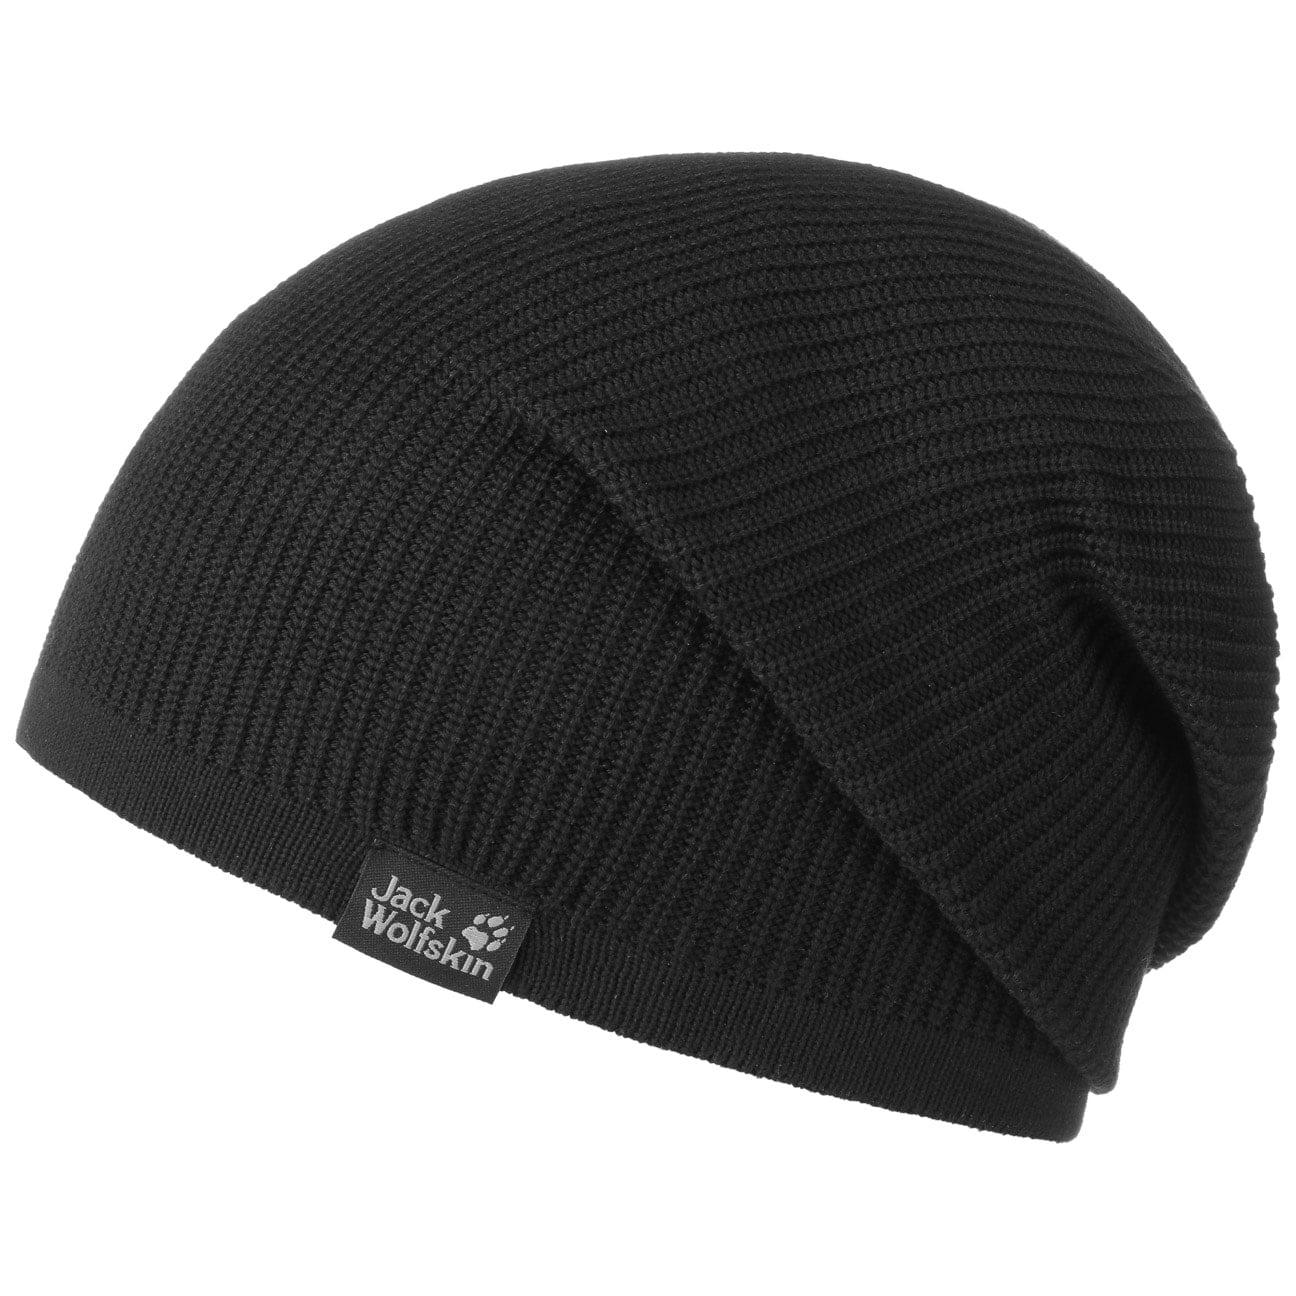 Bonnet Beanie Feel Good by Jack Wolfskin  bonnet oversize